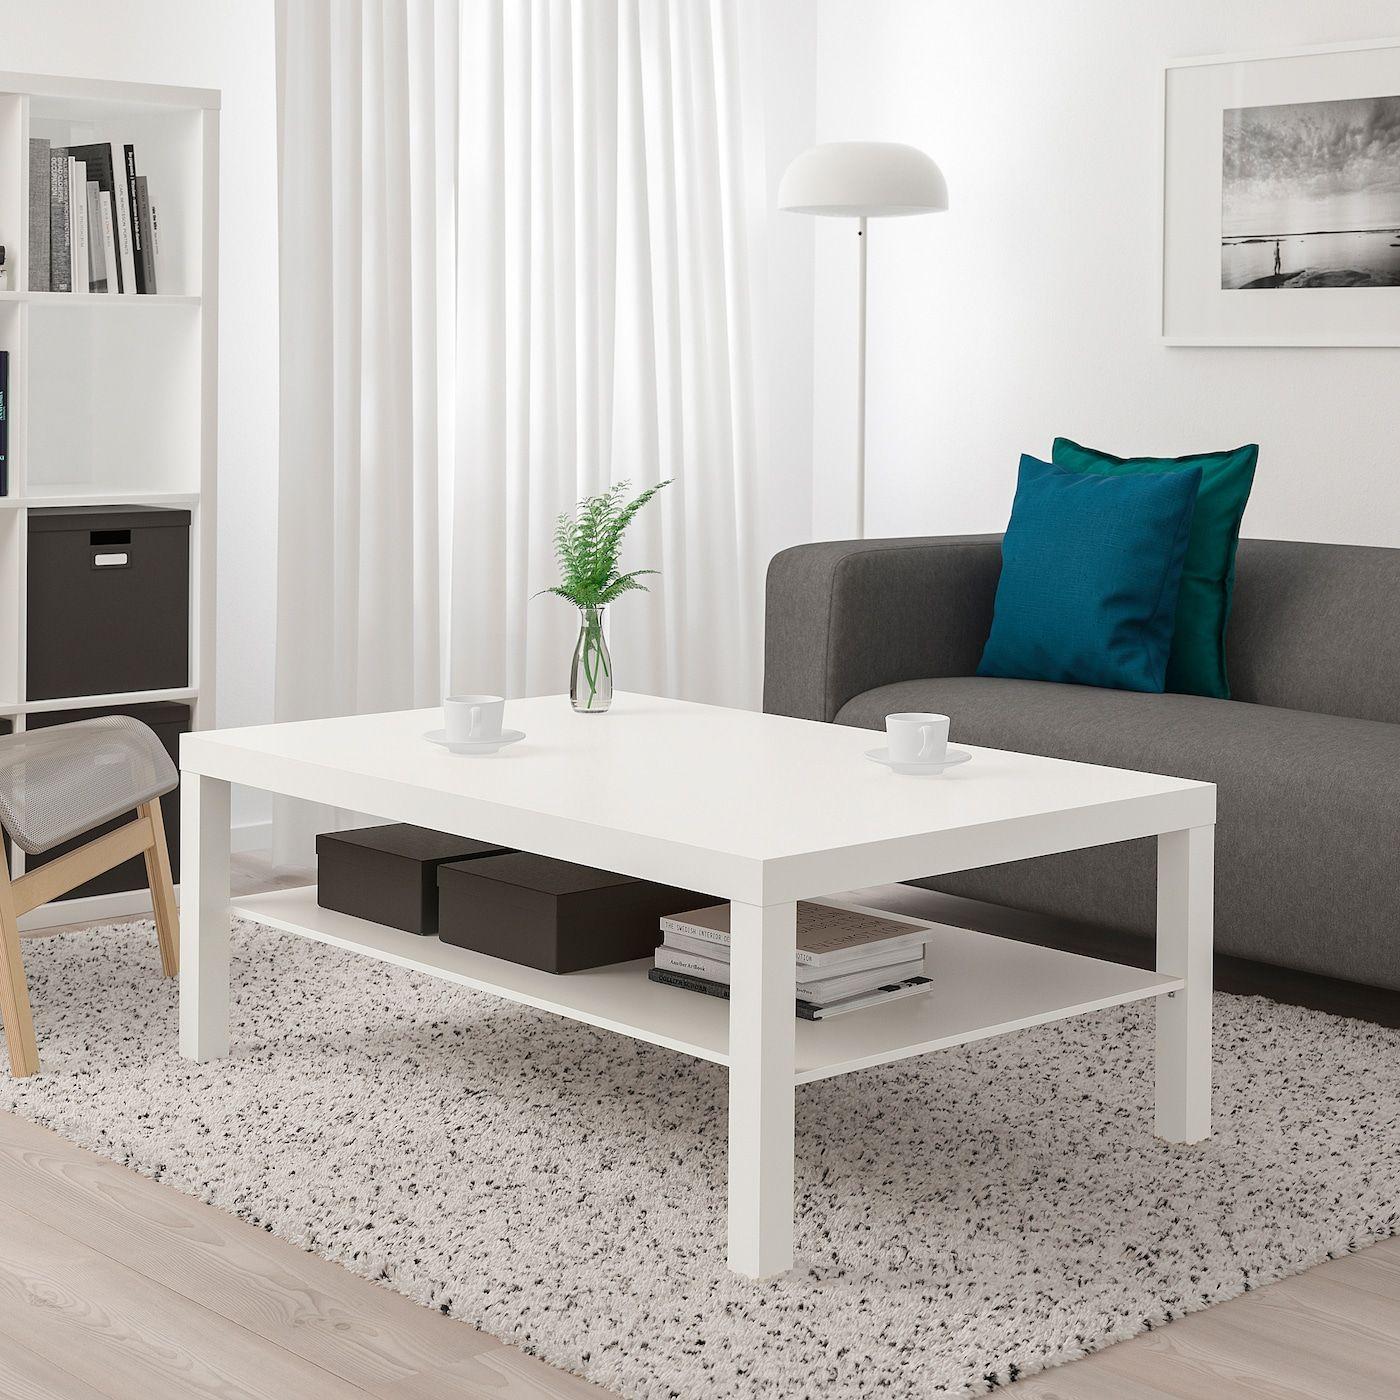 Lack Coffee Table White 46 1 2x30 3 4 Ikea Ikea Lack Coffee Table Lack Coffee Table Ikea Lack Table [ 1400 x 1400 Pixel ]